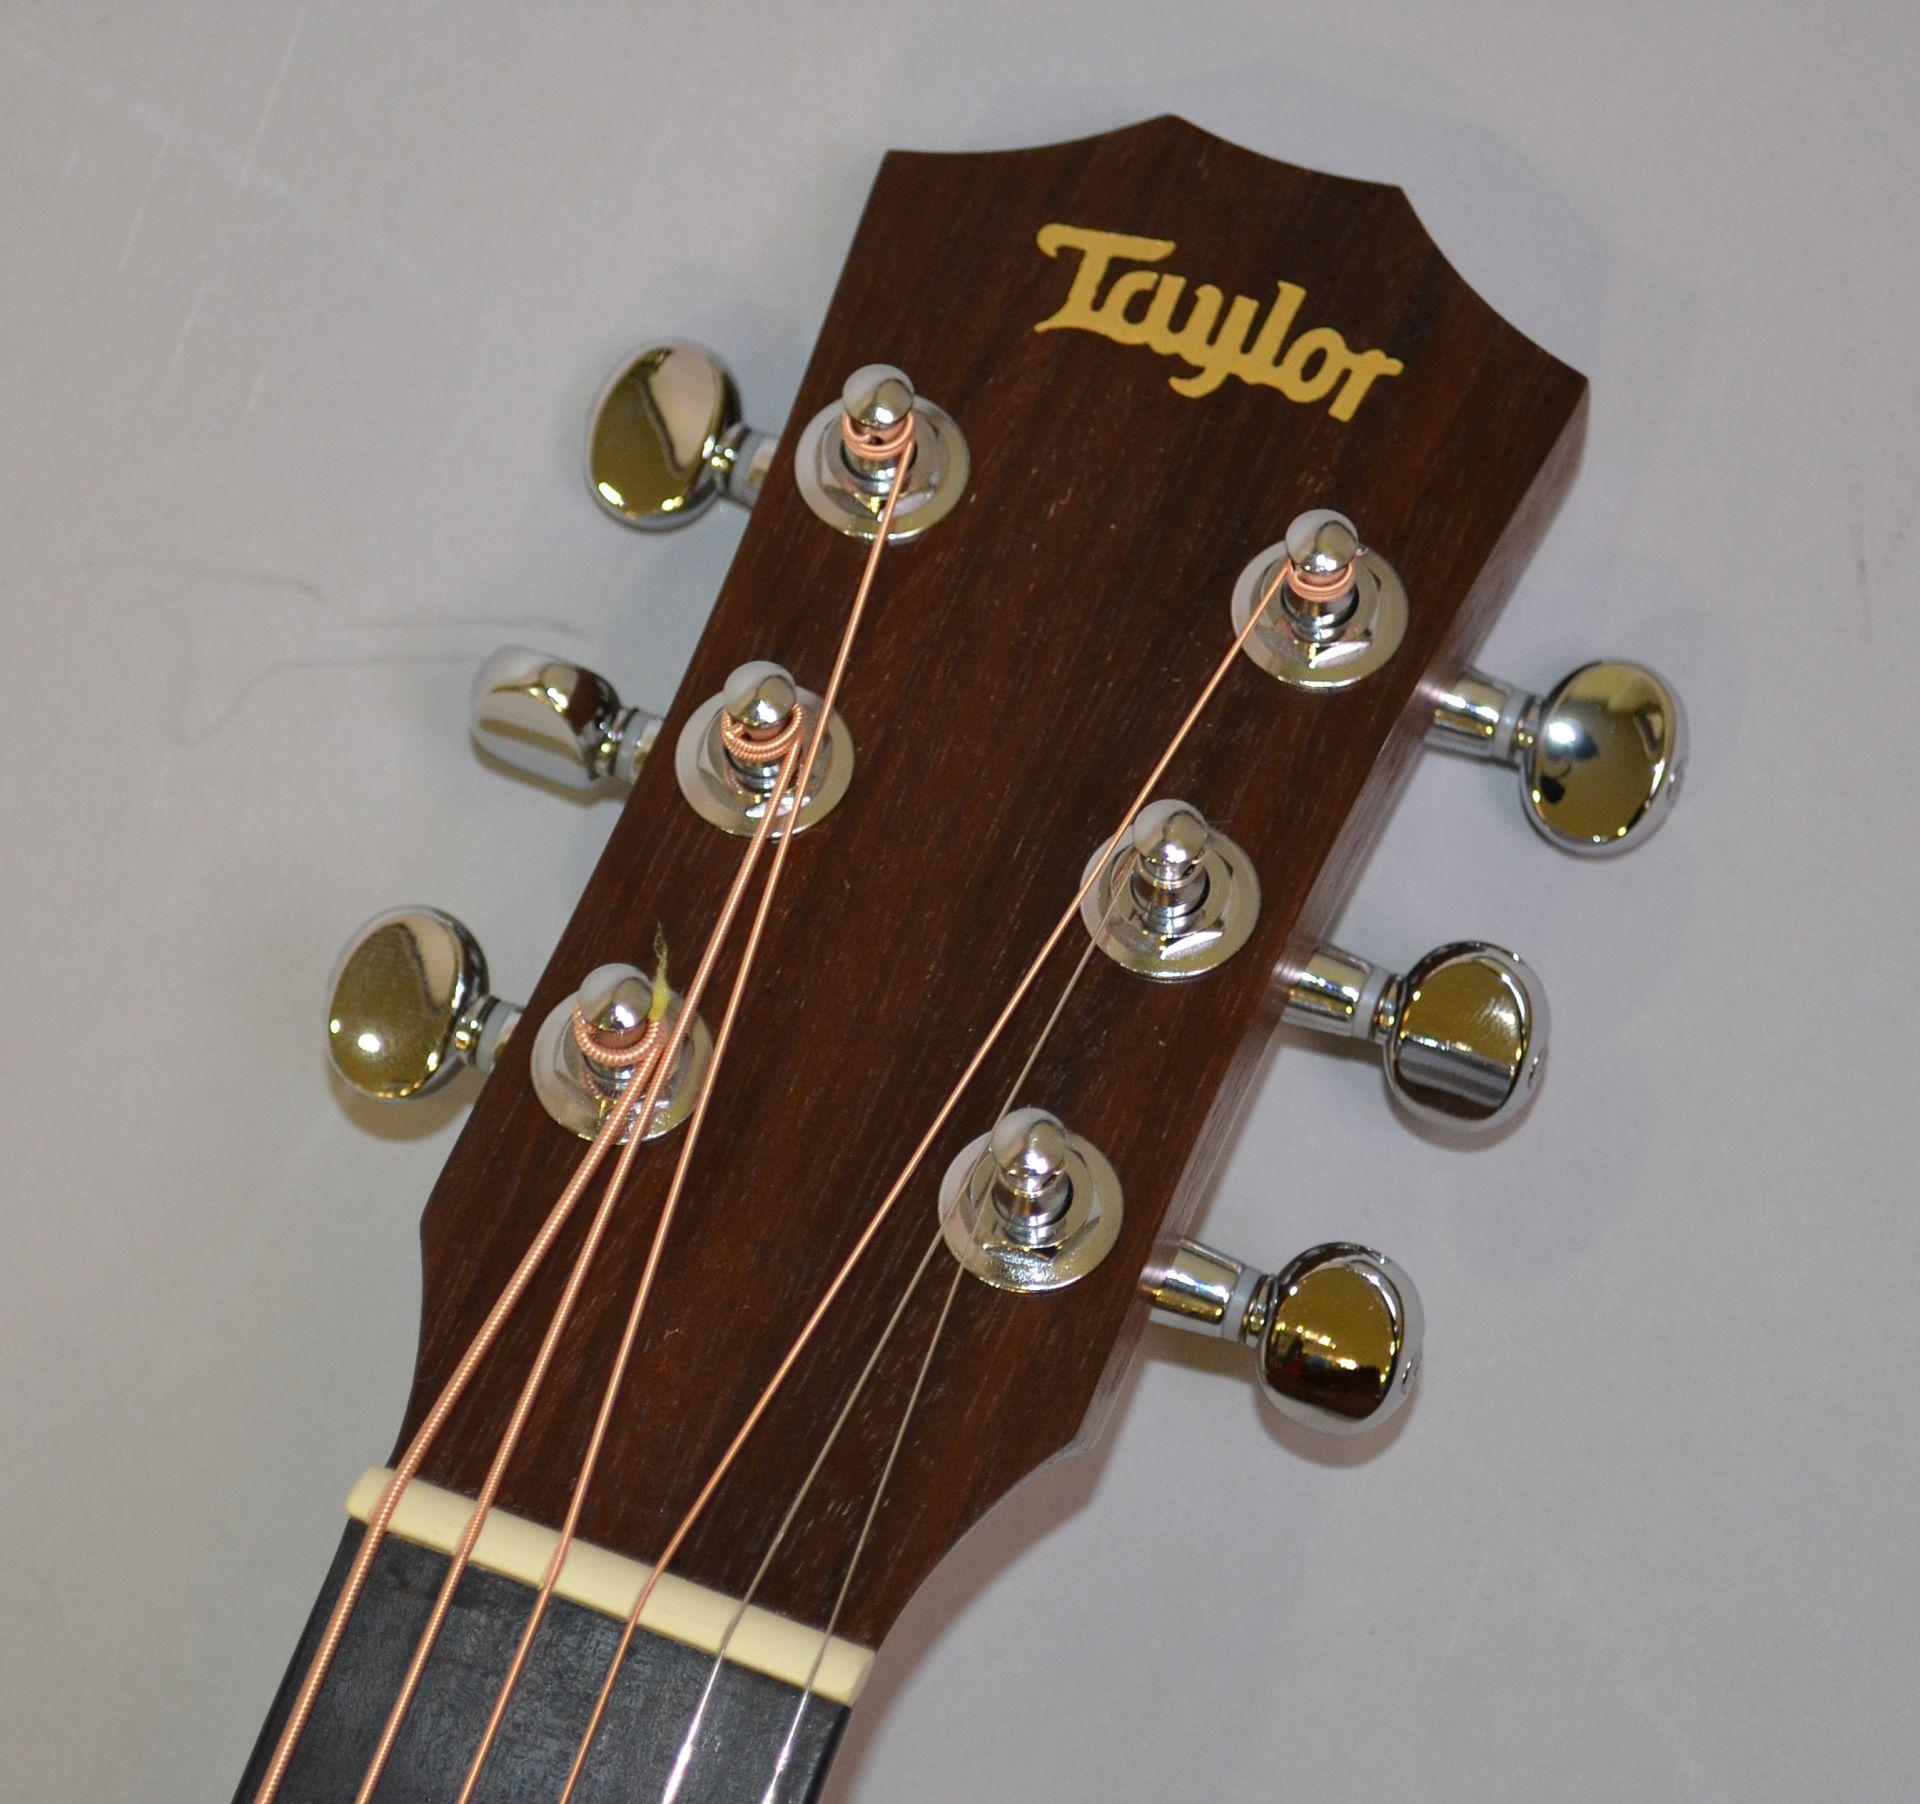 Baby Taylorのヘッド画像